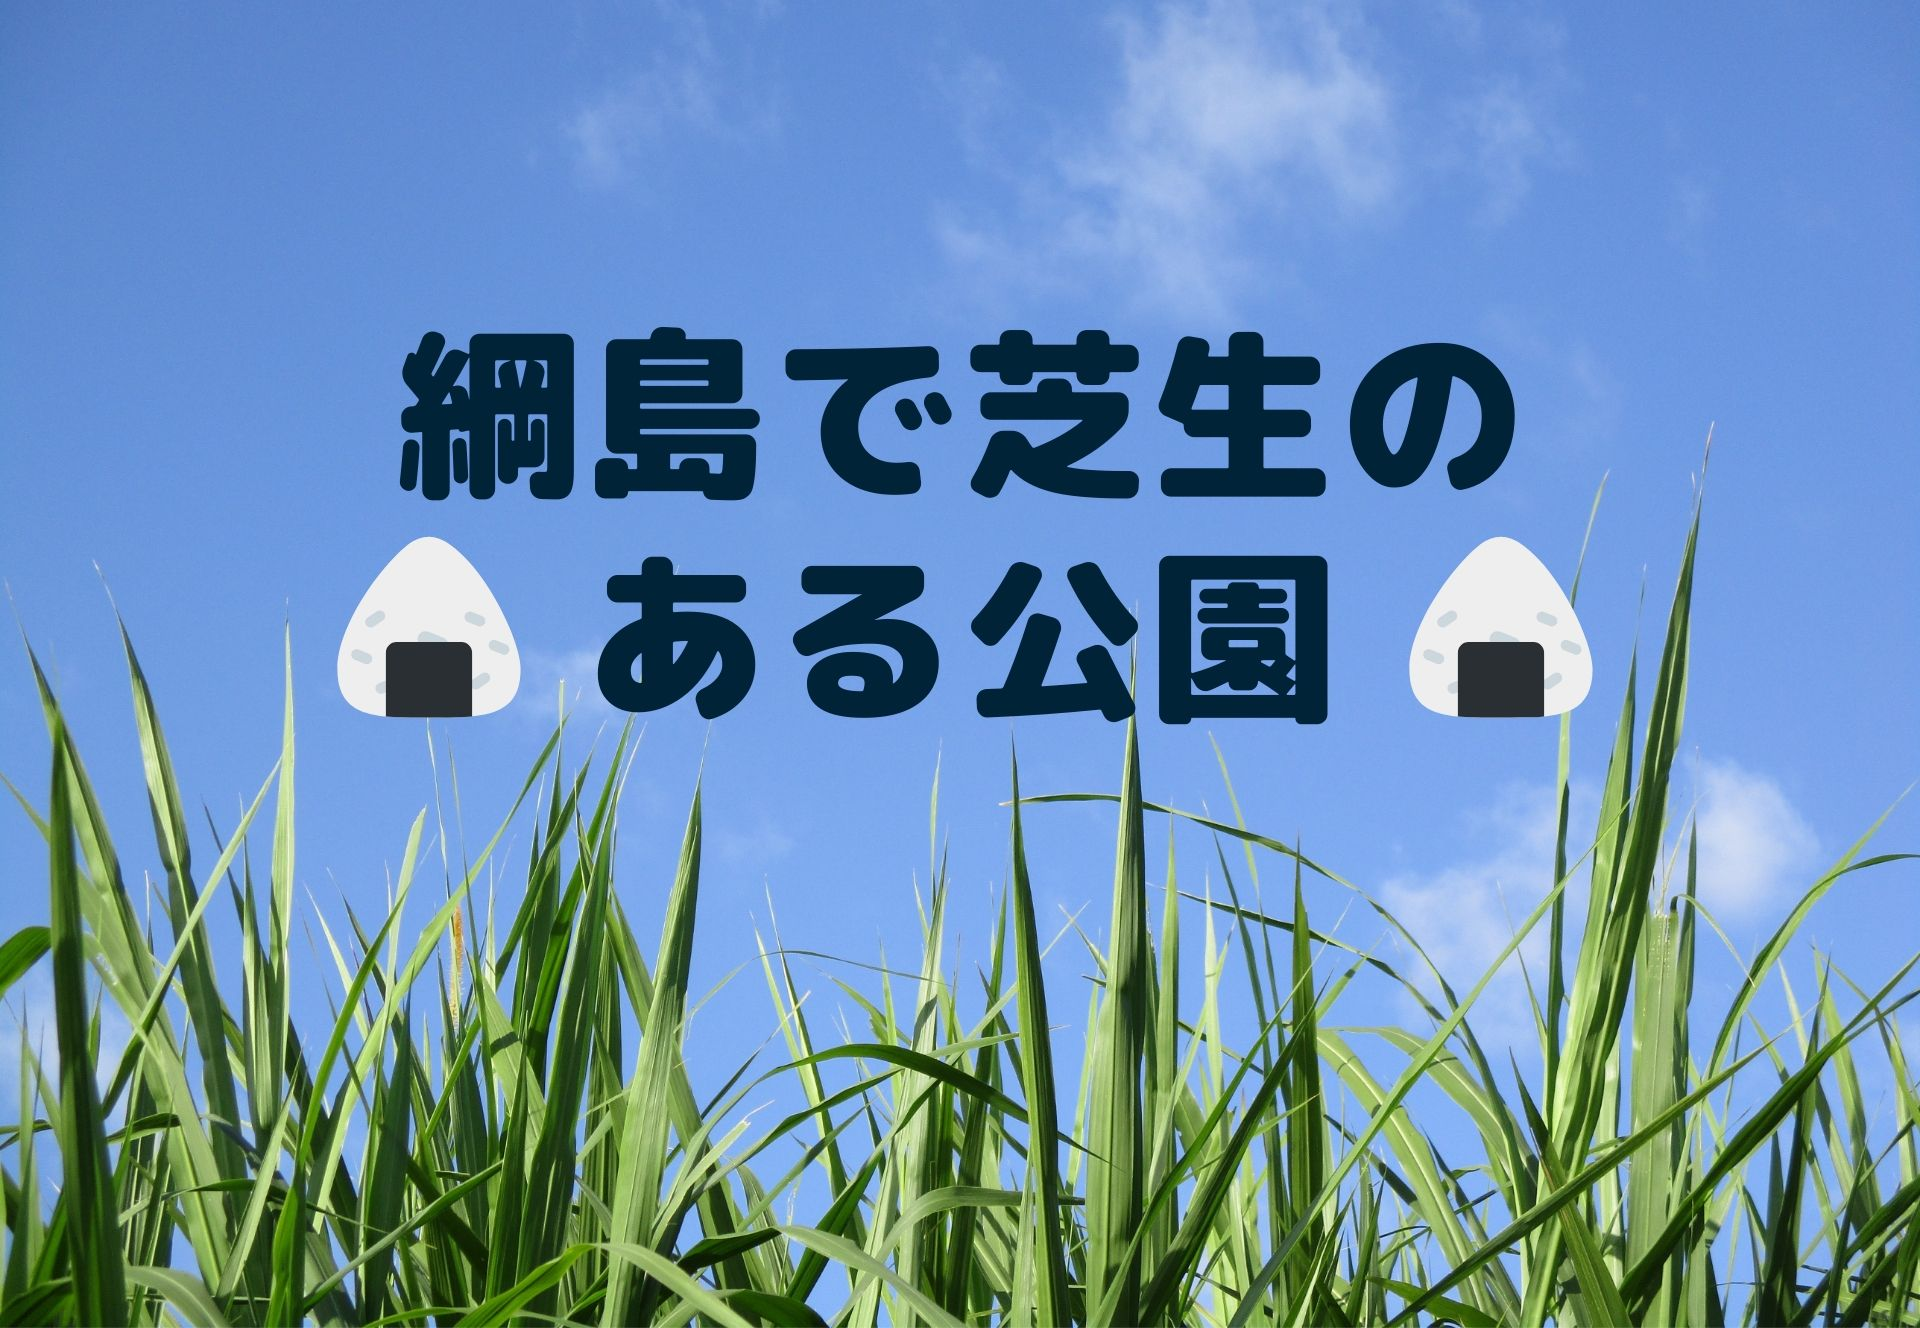 綱島で芝生のある公園は?